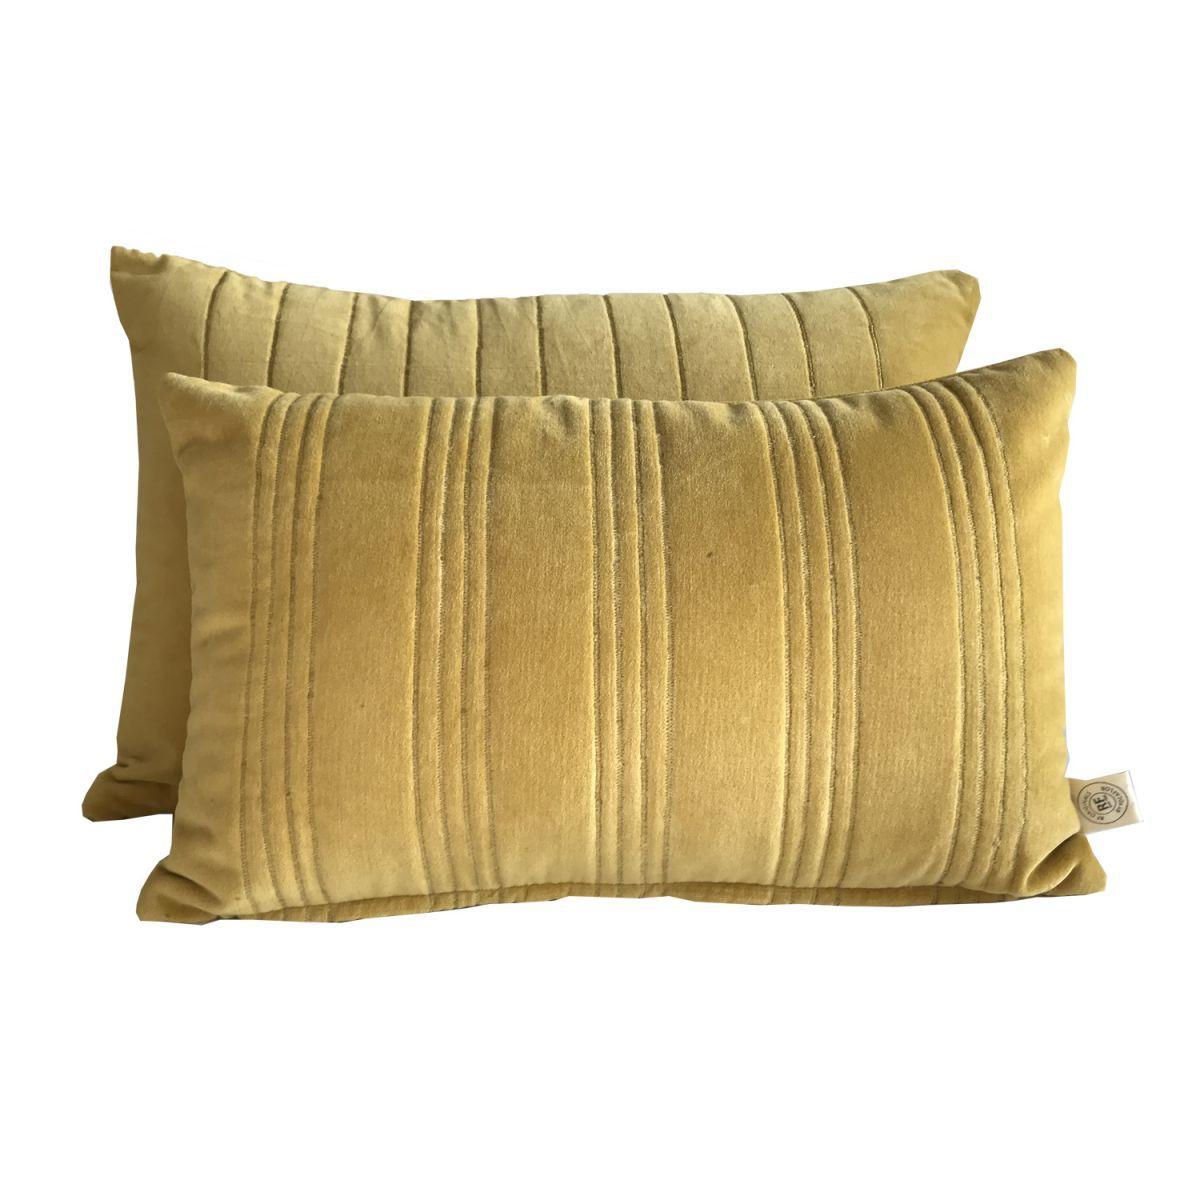 kussen fluweel okergeel en gouden stiksels 50x30cm